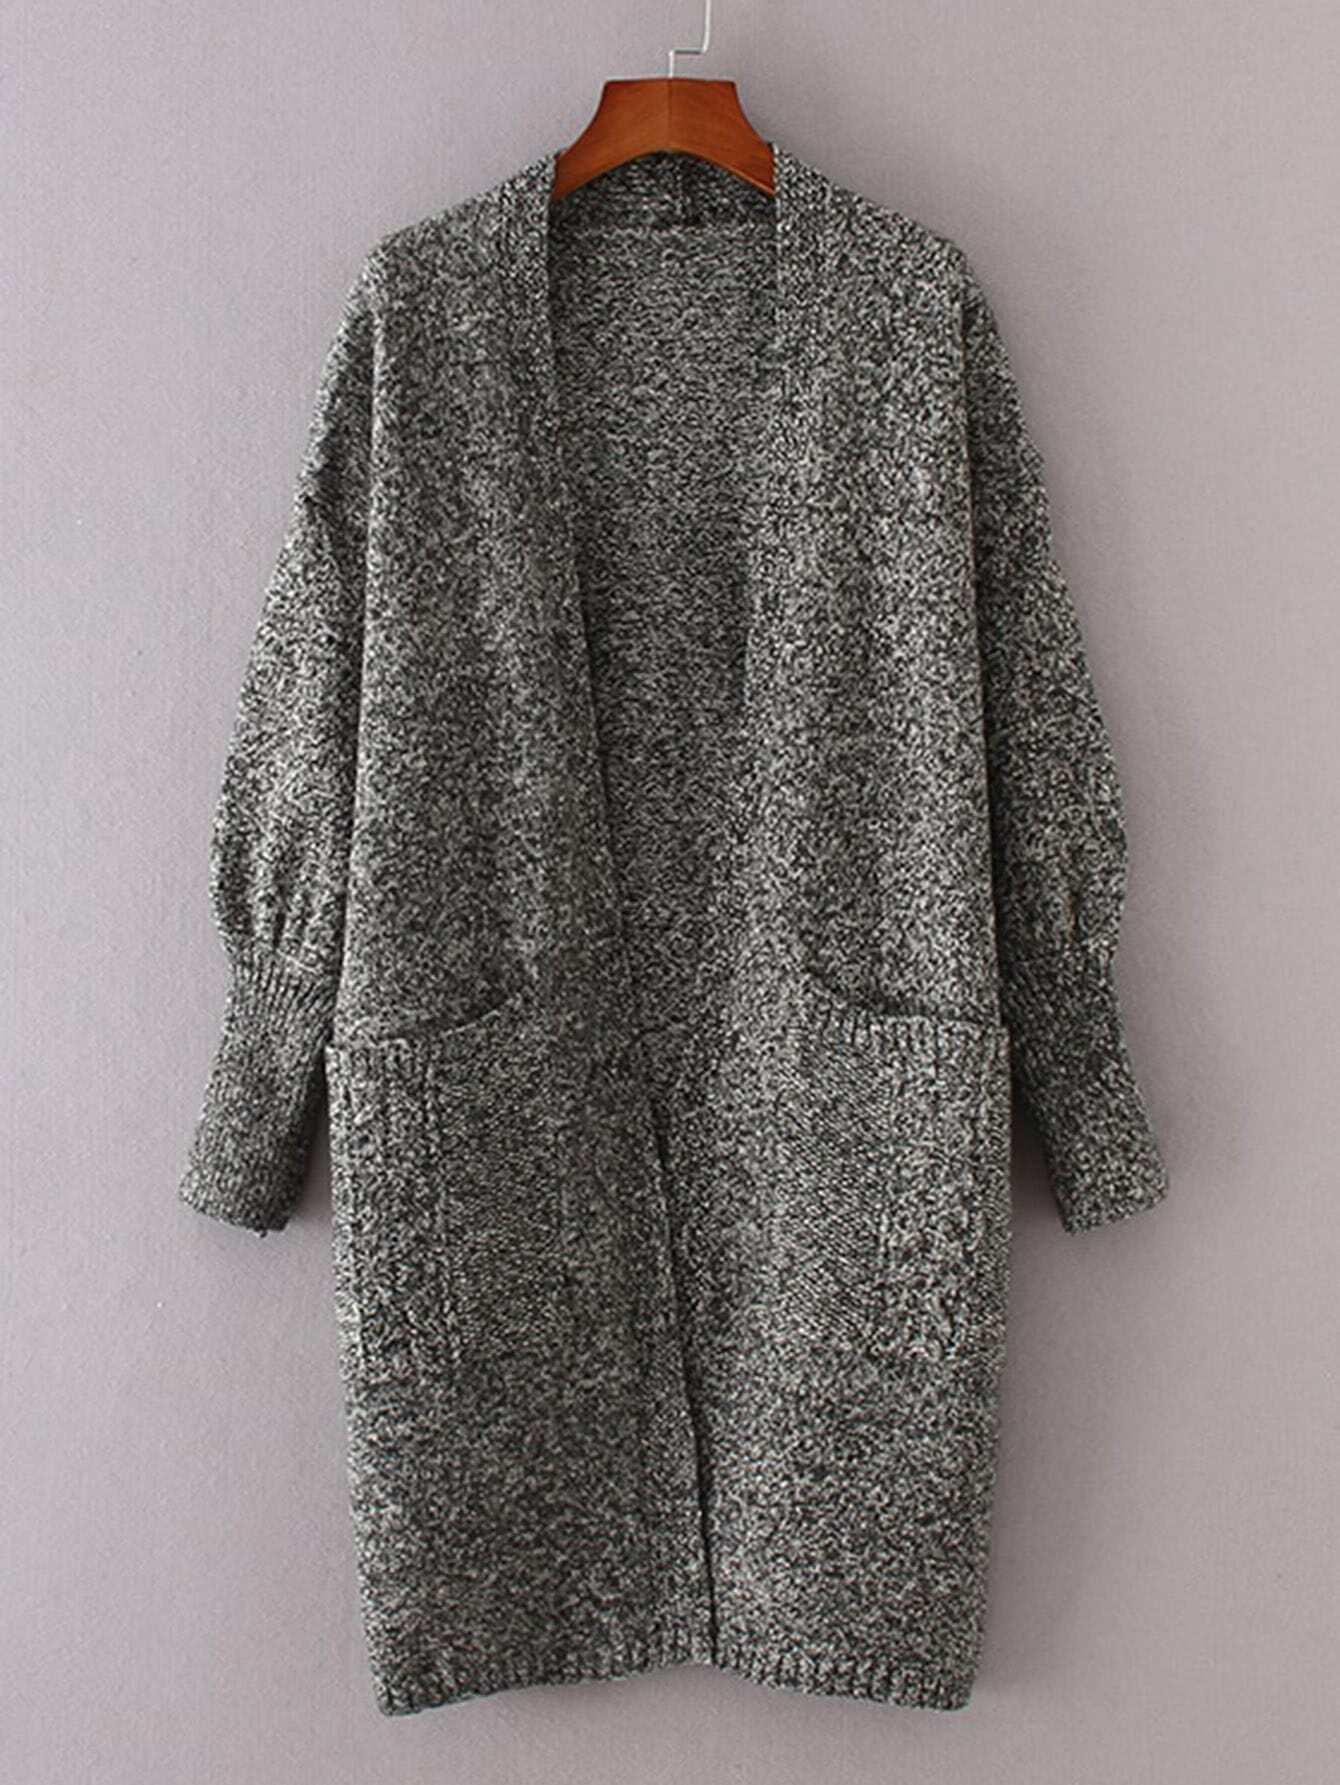 Front Pocket Space Dye Longline Cardigan sweater170921209